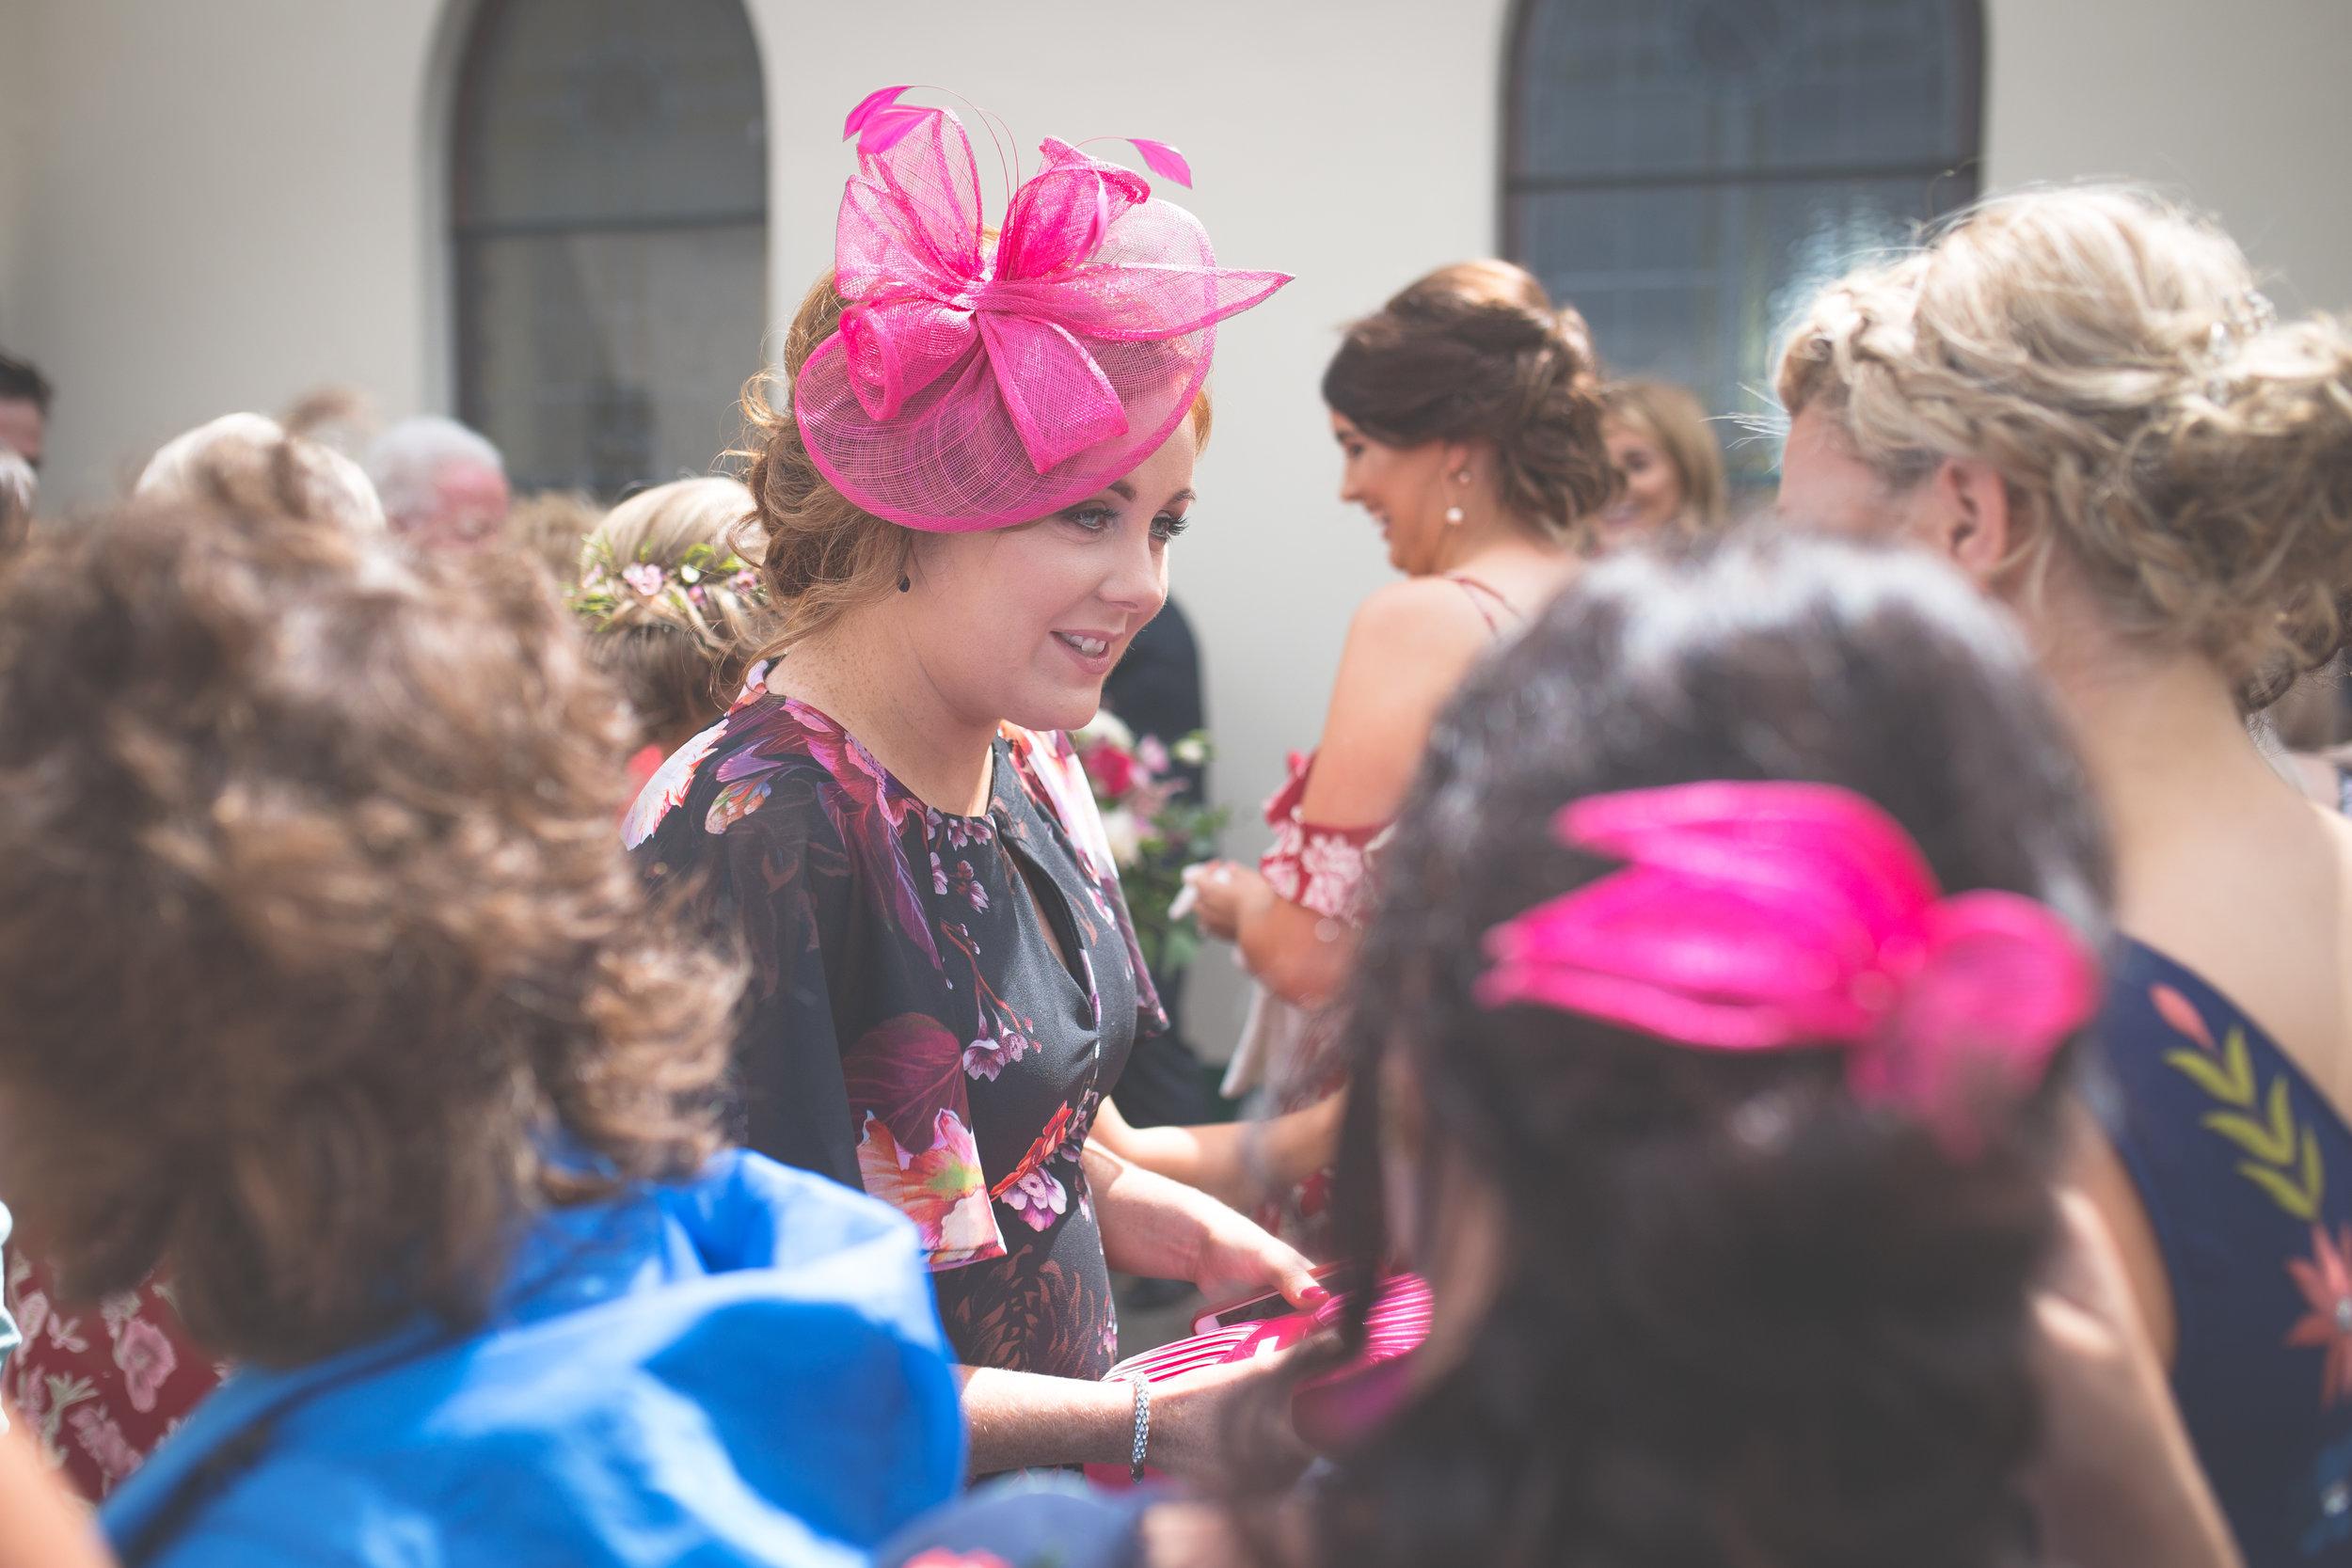 Brian McEwan Wedding Photography   Carol-Anne & Sean   The Ceremony-143.jpg